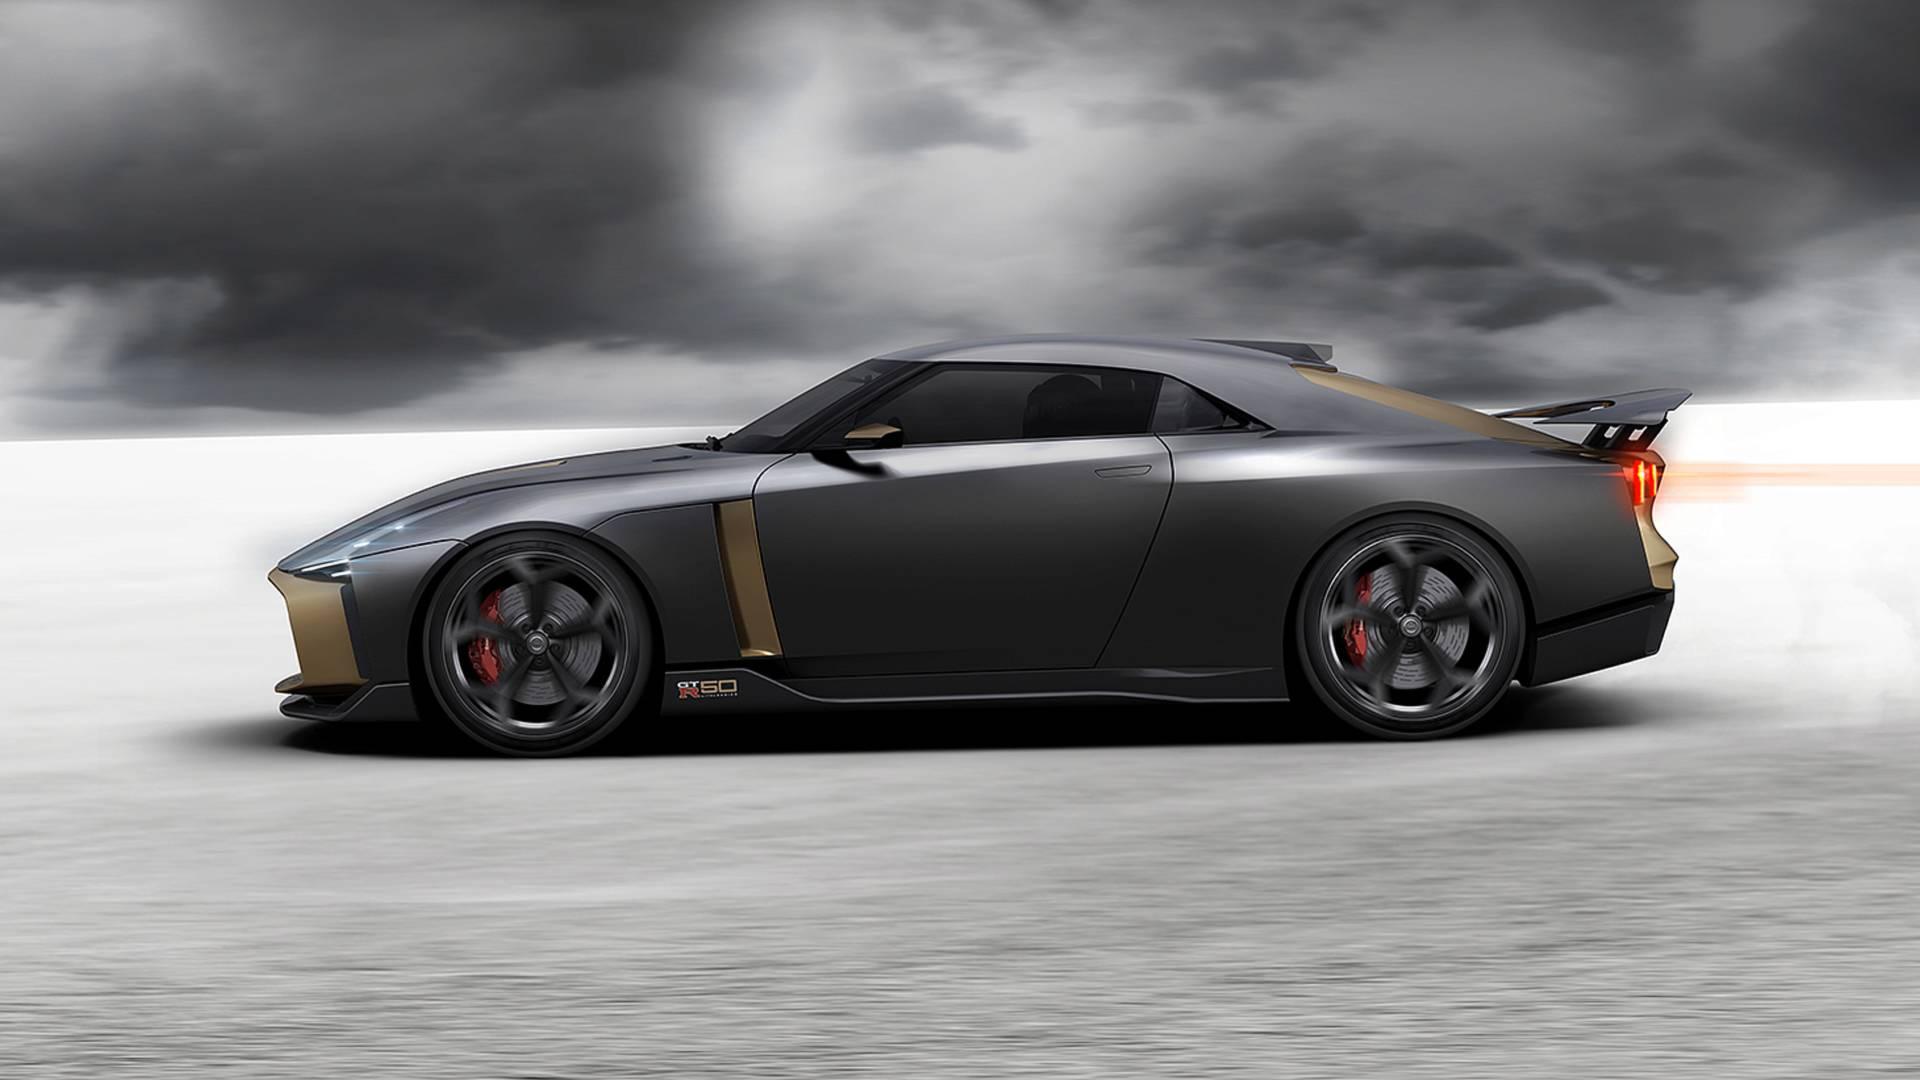 معرفی نیسان GT-R50 ؛ گودزیلایی ورای محدودیت + عکس